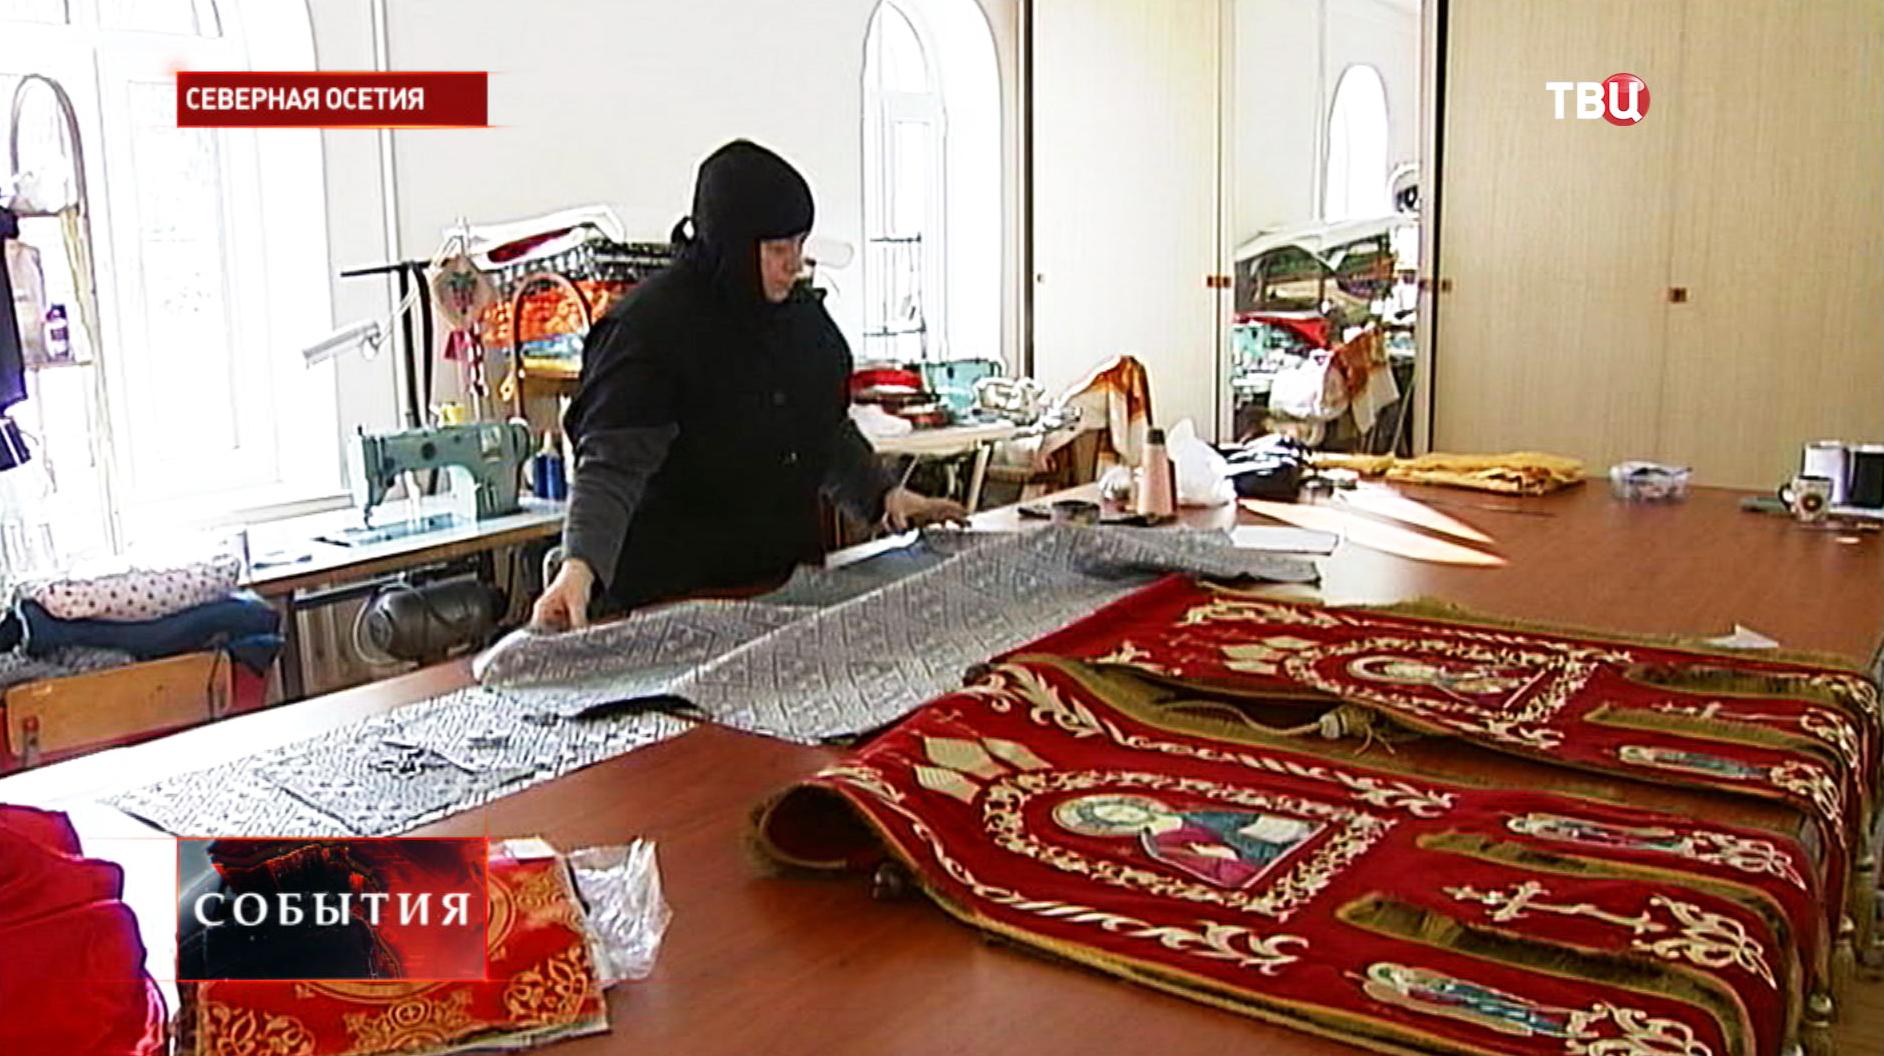 Подготовка к встрече Рождества в Северной Осетии